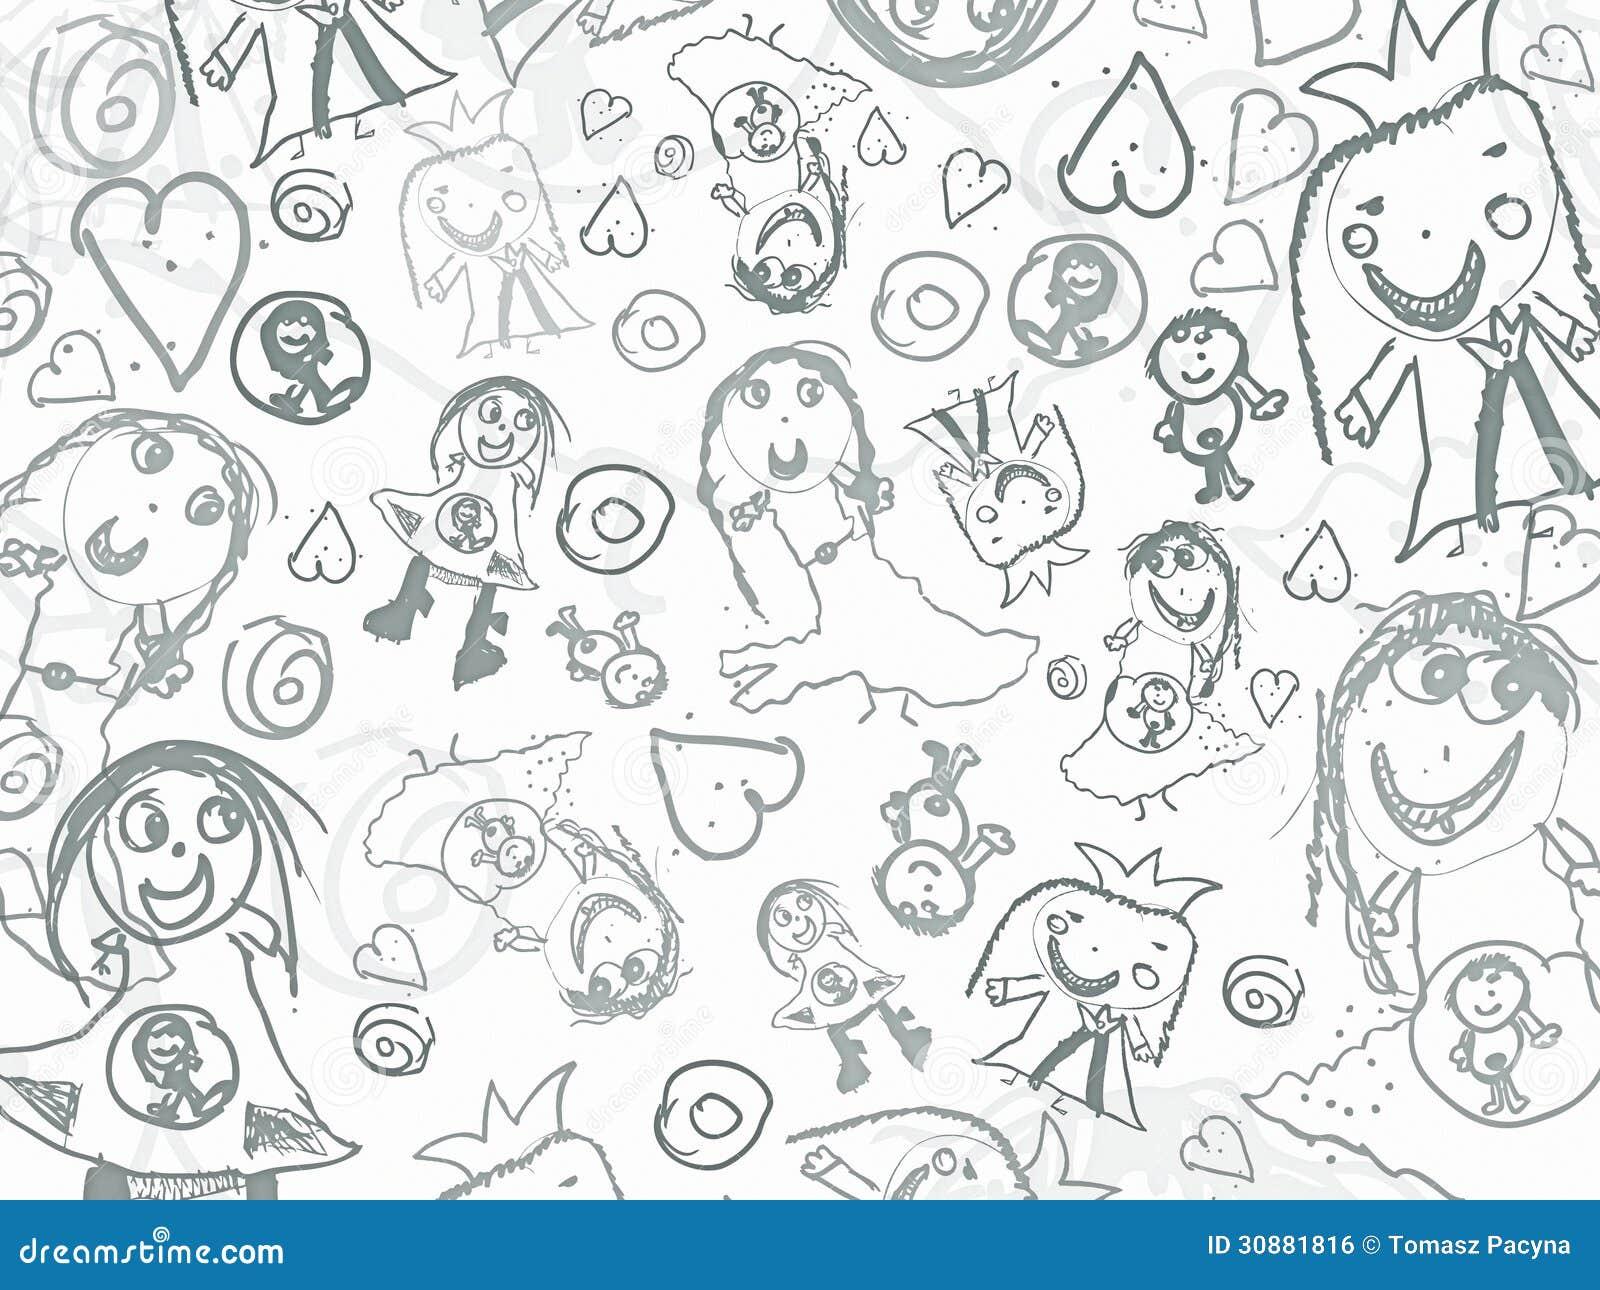 Dziecko ołówek gryzmoli tło